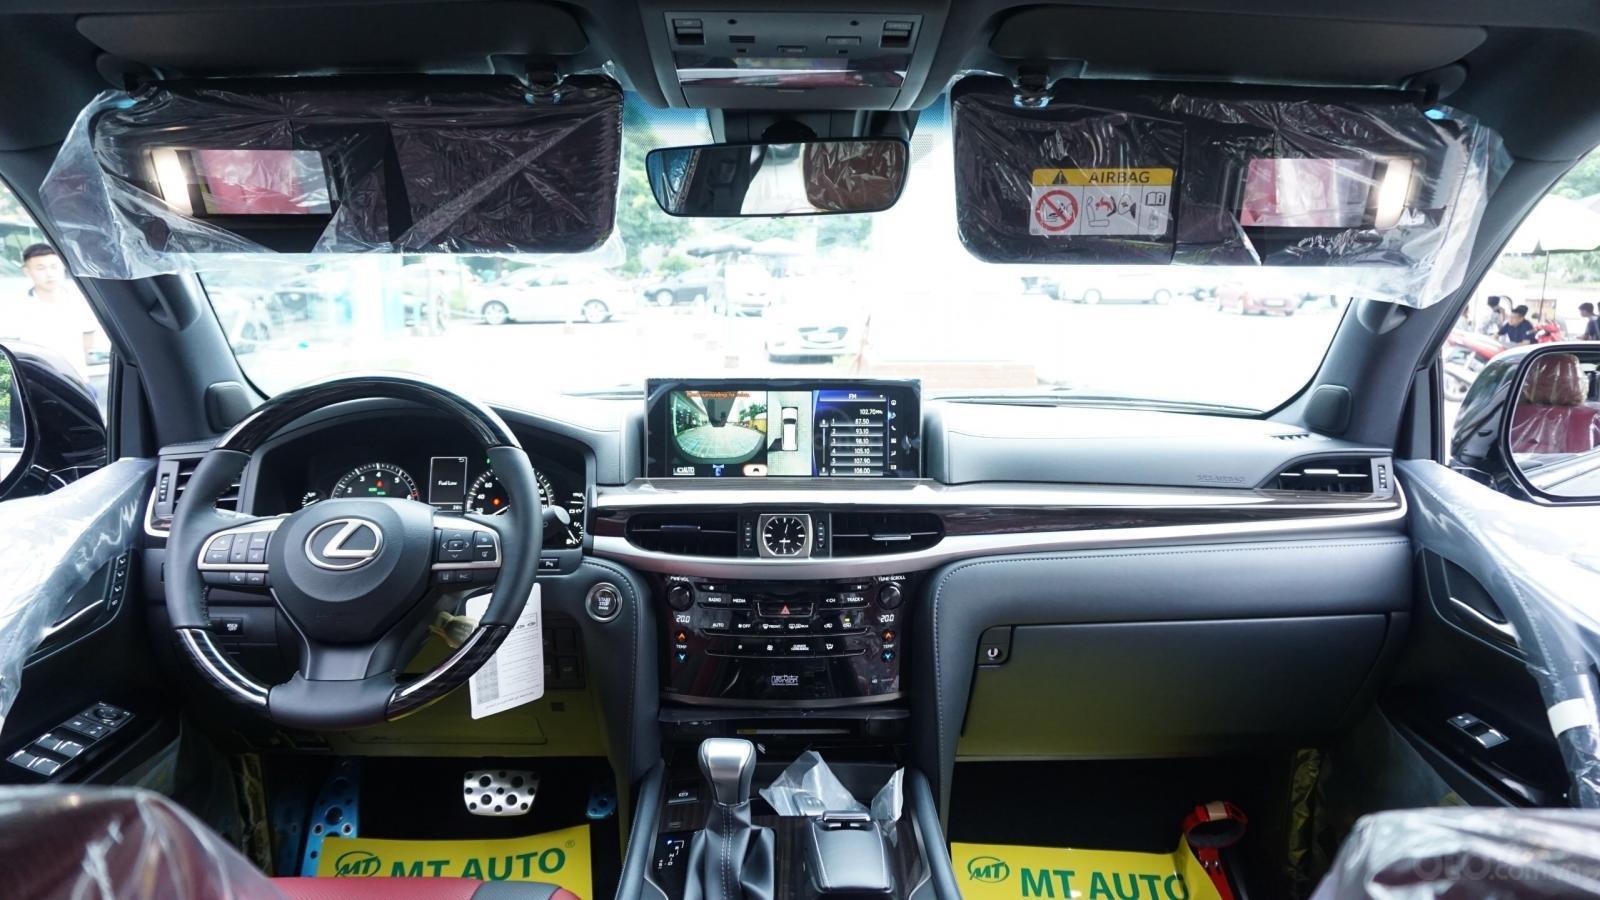 Cần bán xe Lexus LX570 Super Sport 2019 nhập Trung Đông, ngân hàng hỗ trợ 80%, LH Em Lộc: 093.798.2266 (21)